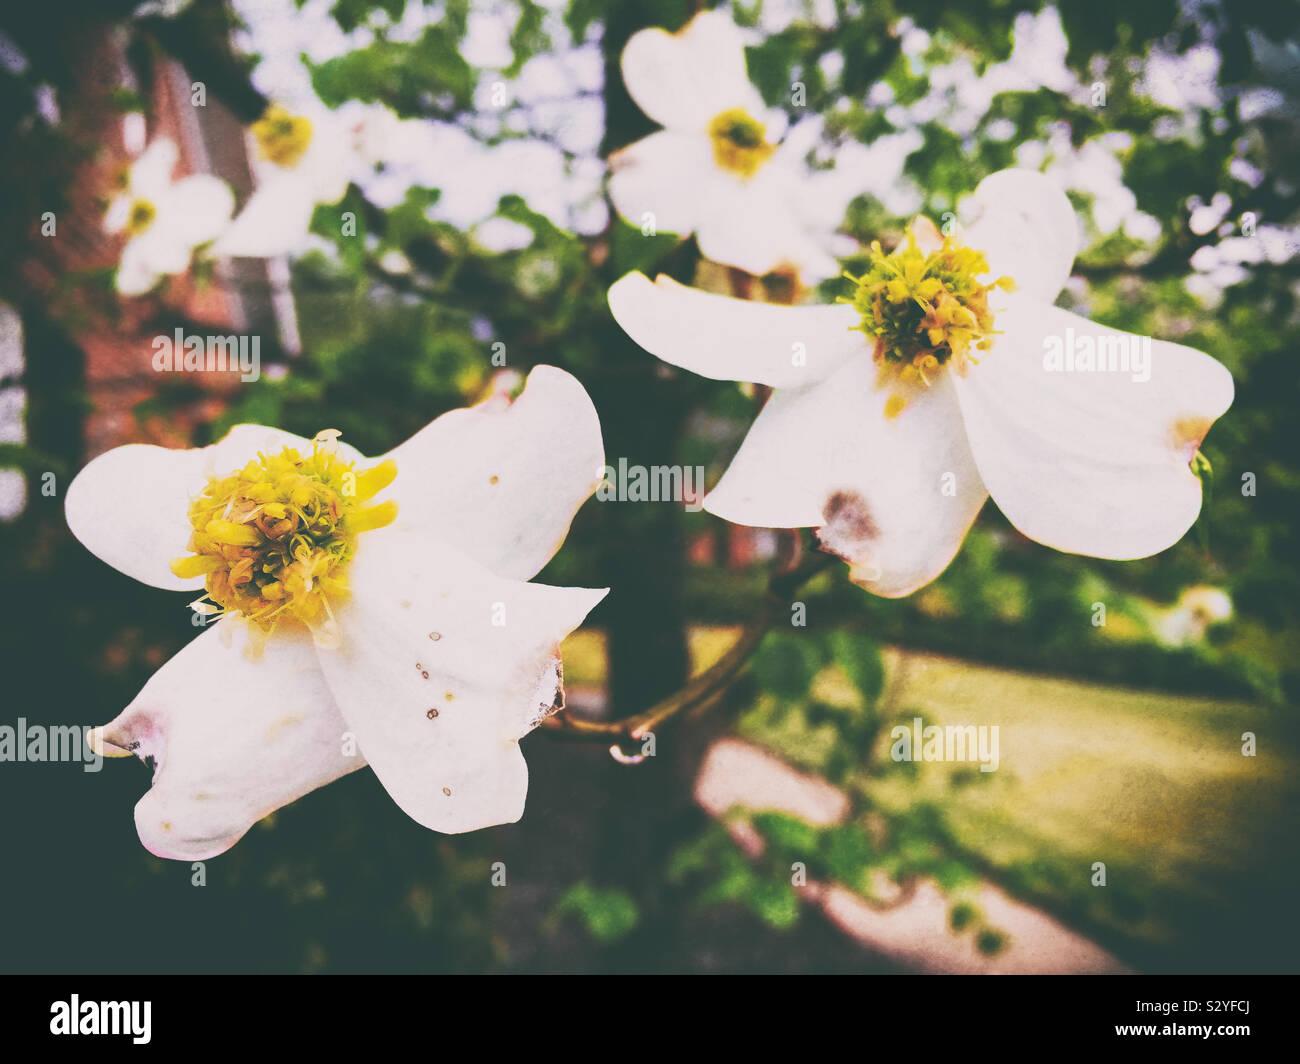 Árbol de cerezos en flor en un jardín al aire libre. Centrarse en primer plano. Efecto de textura de arte digital. Foto de stock